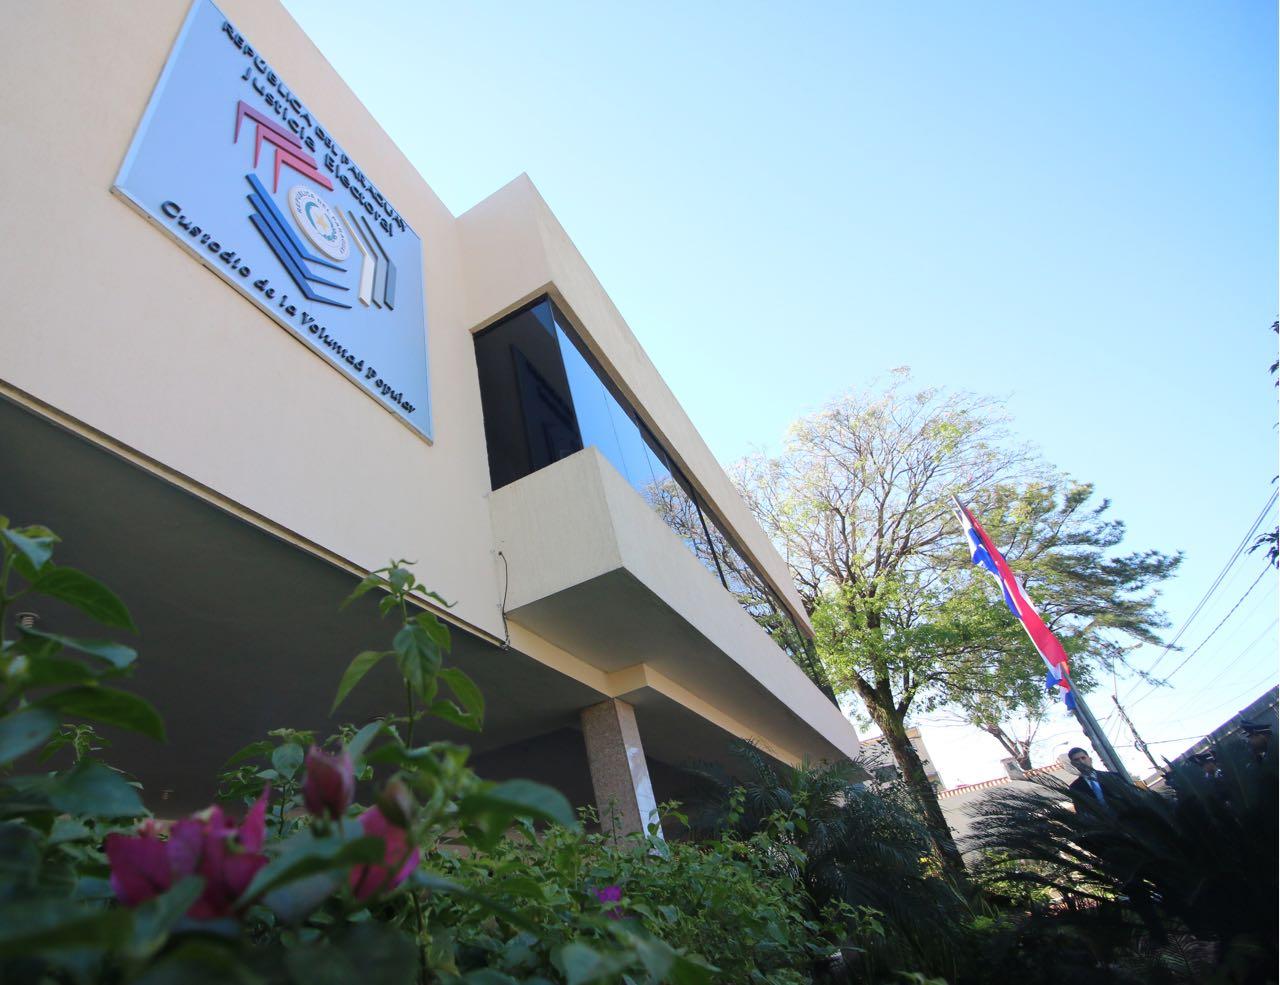 Postulantes que no presenten declaraciones de gastos de campañas se exponen a multas y hasta a inhabilitación, informa TSJE